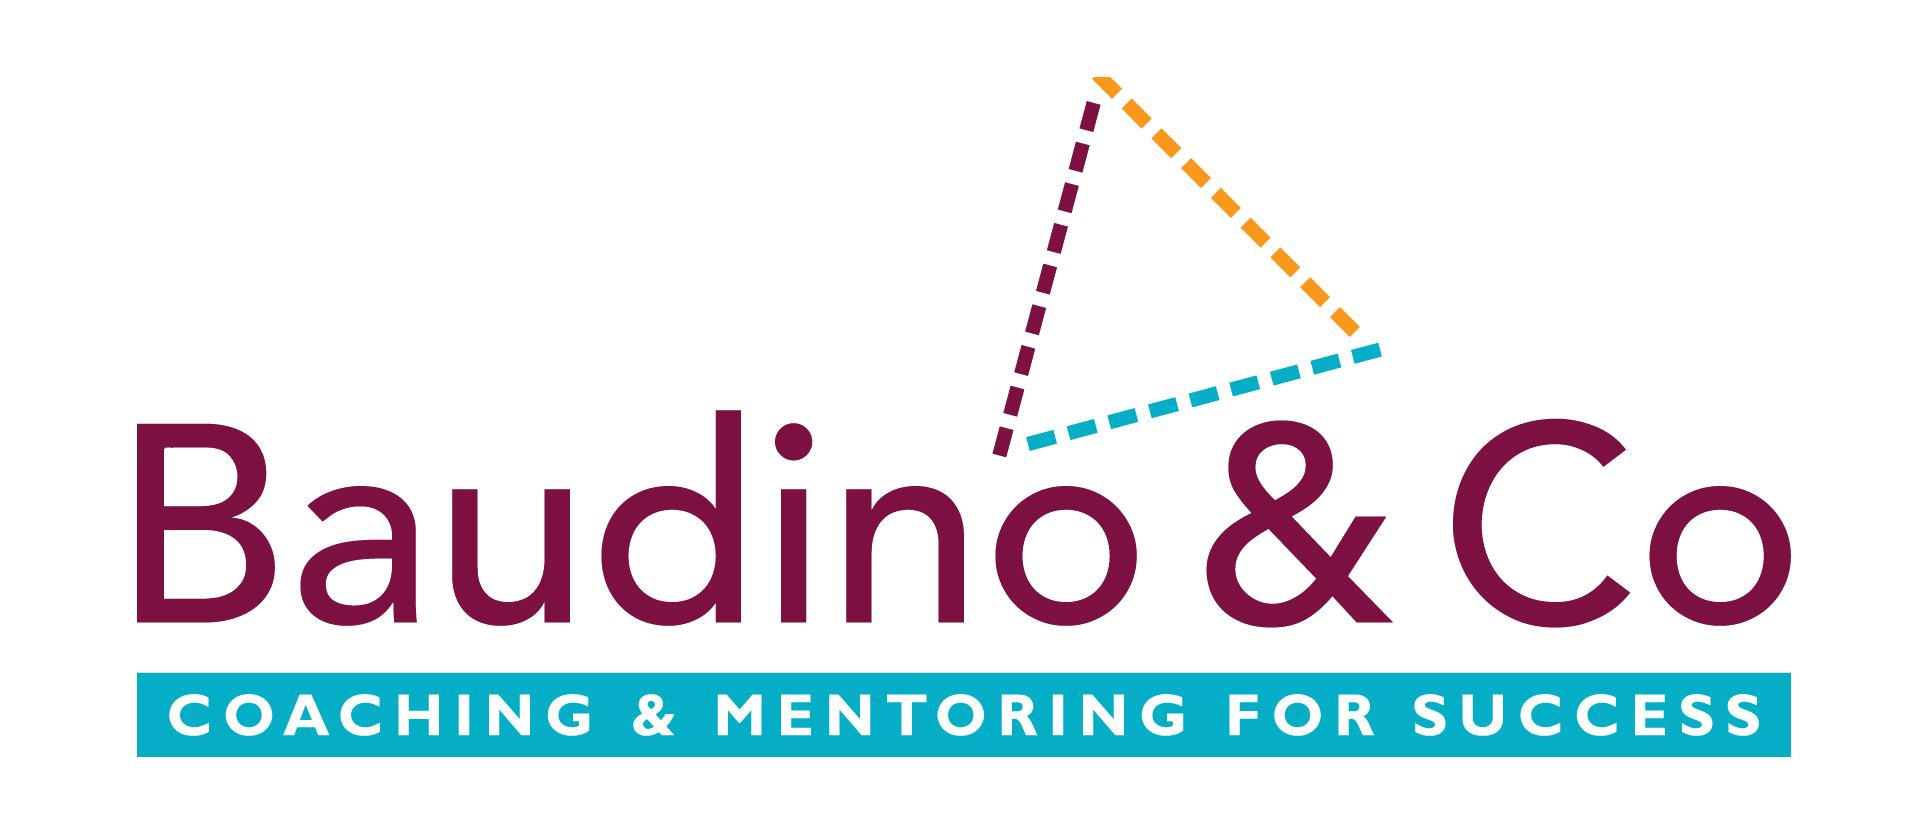 Baudino & Co